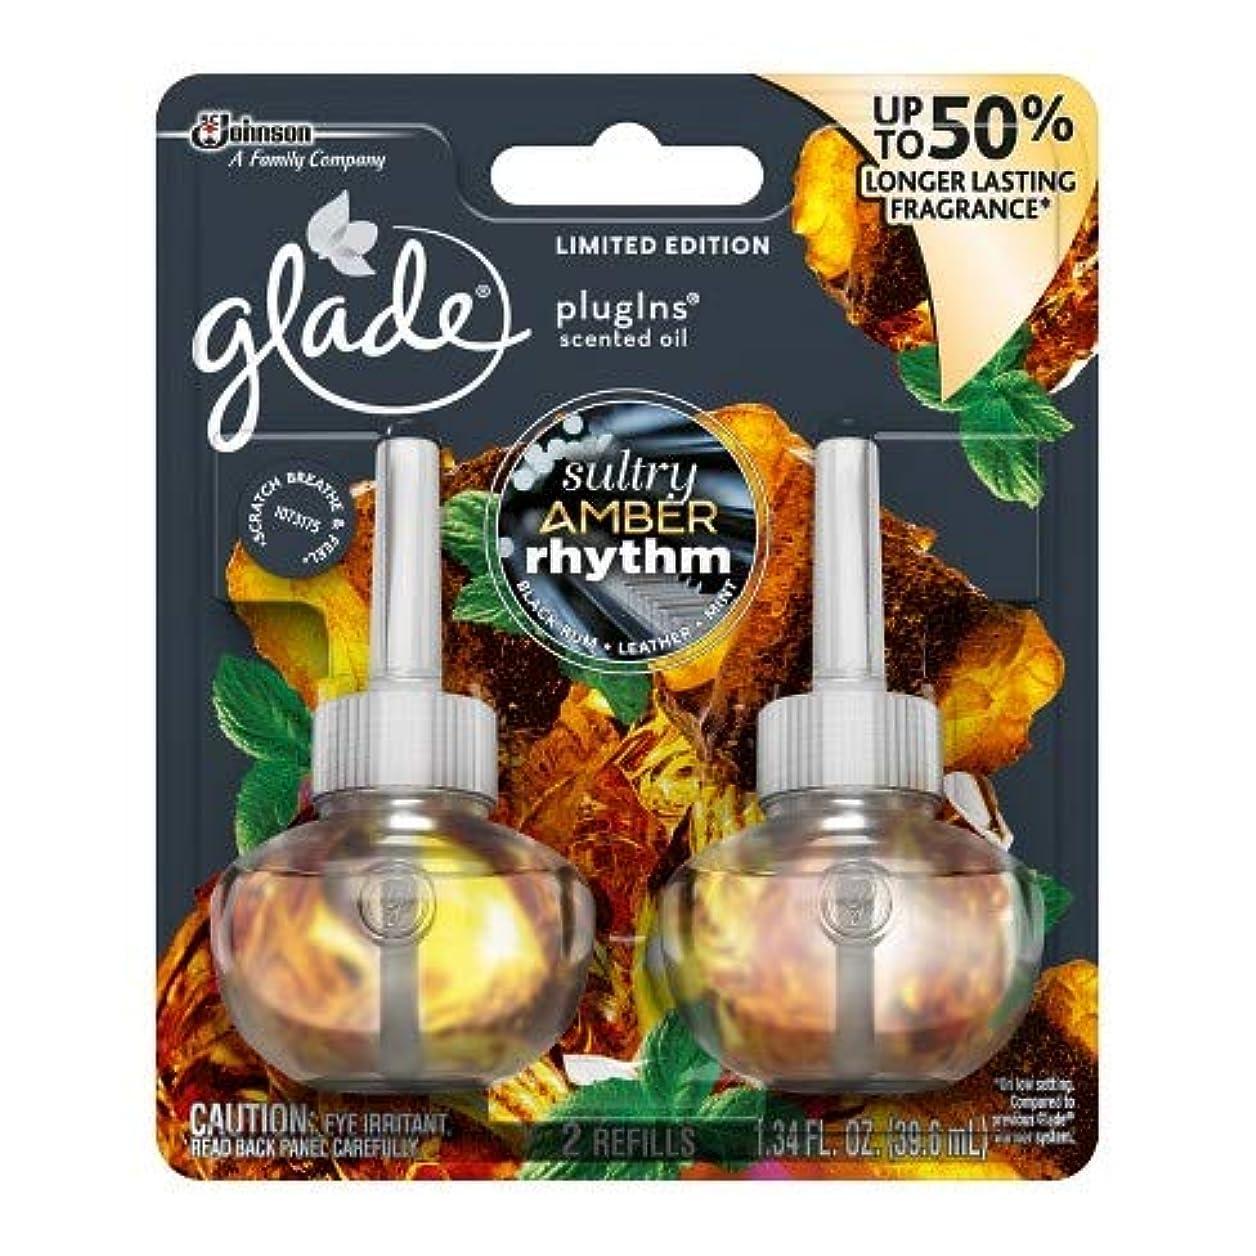 派生する過言欲望【glade/グレード】 プラグインオイル 詰替え用リフィル(2個入り) サルトリーアンバーリズム Glade Plugins Scented Oil Sultry Amber Rhythm 2 refills 1.34oz(39.6ml) [並行輸入品]